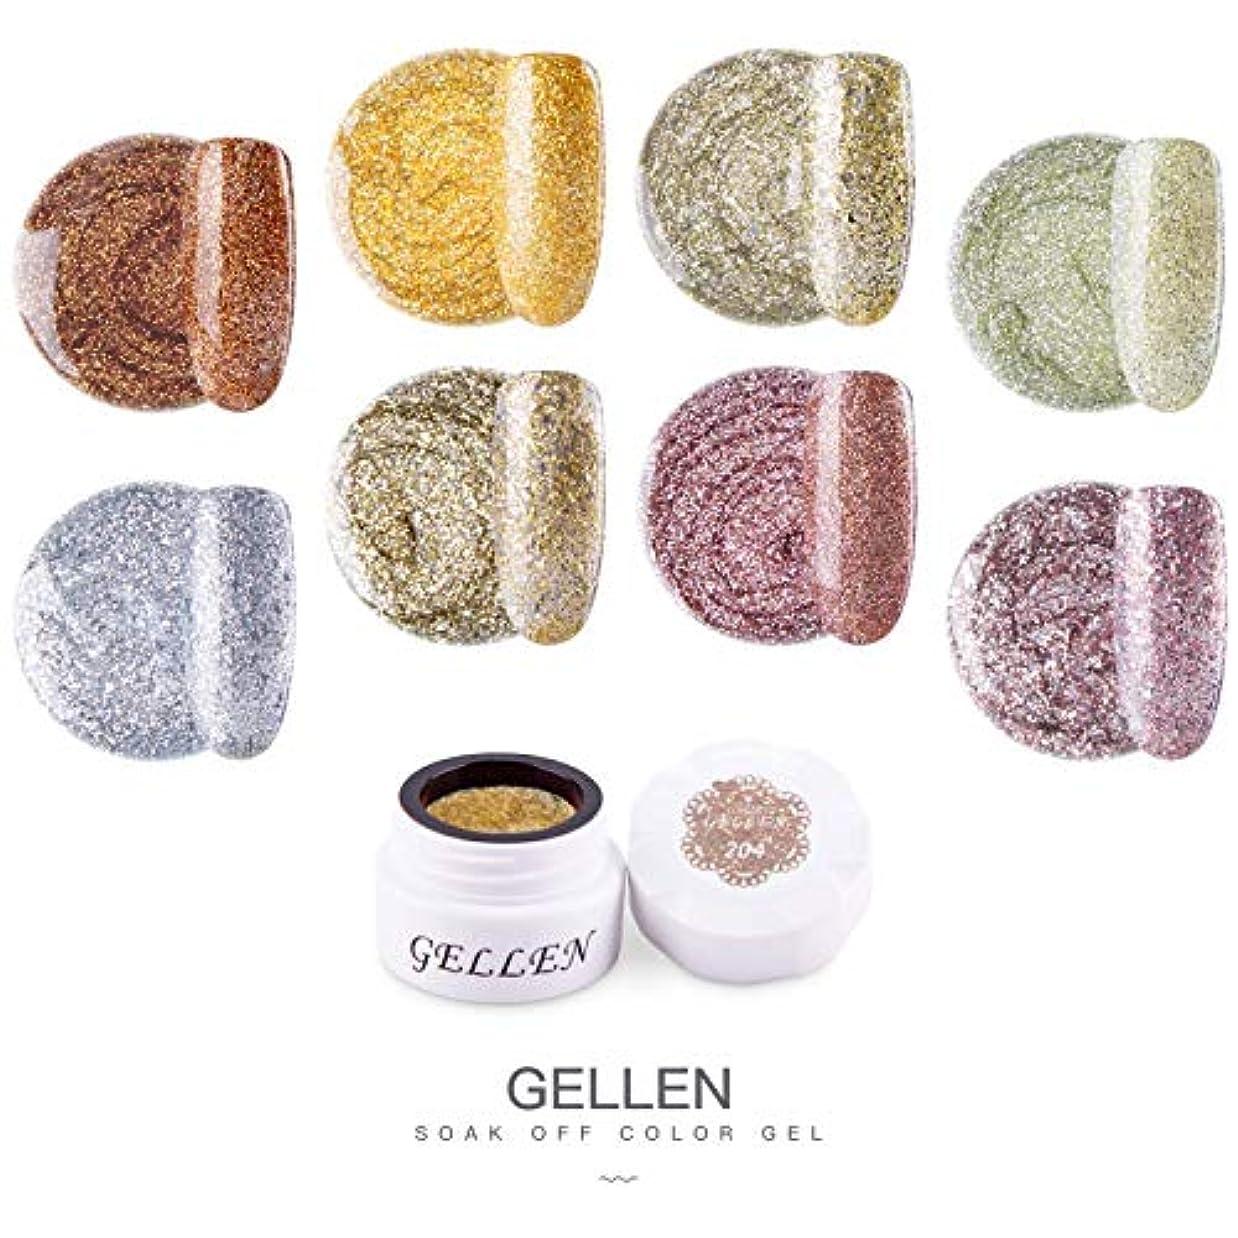 ラメ遊びます配管Gellen カラージェル 8色 セット[ラメゴールド]高品質 5g ジェルネイル カラー ネイルブラシ付き